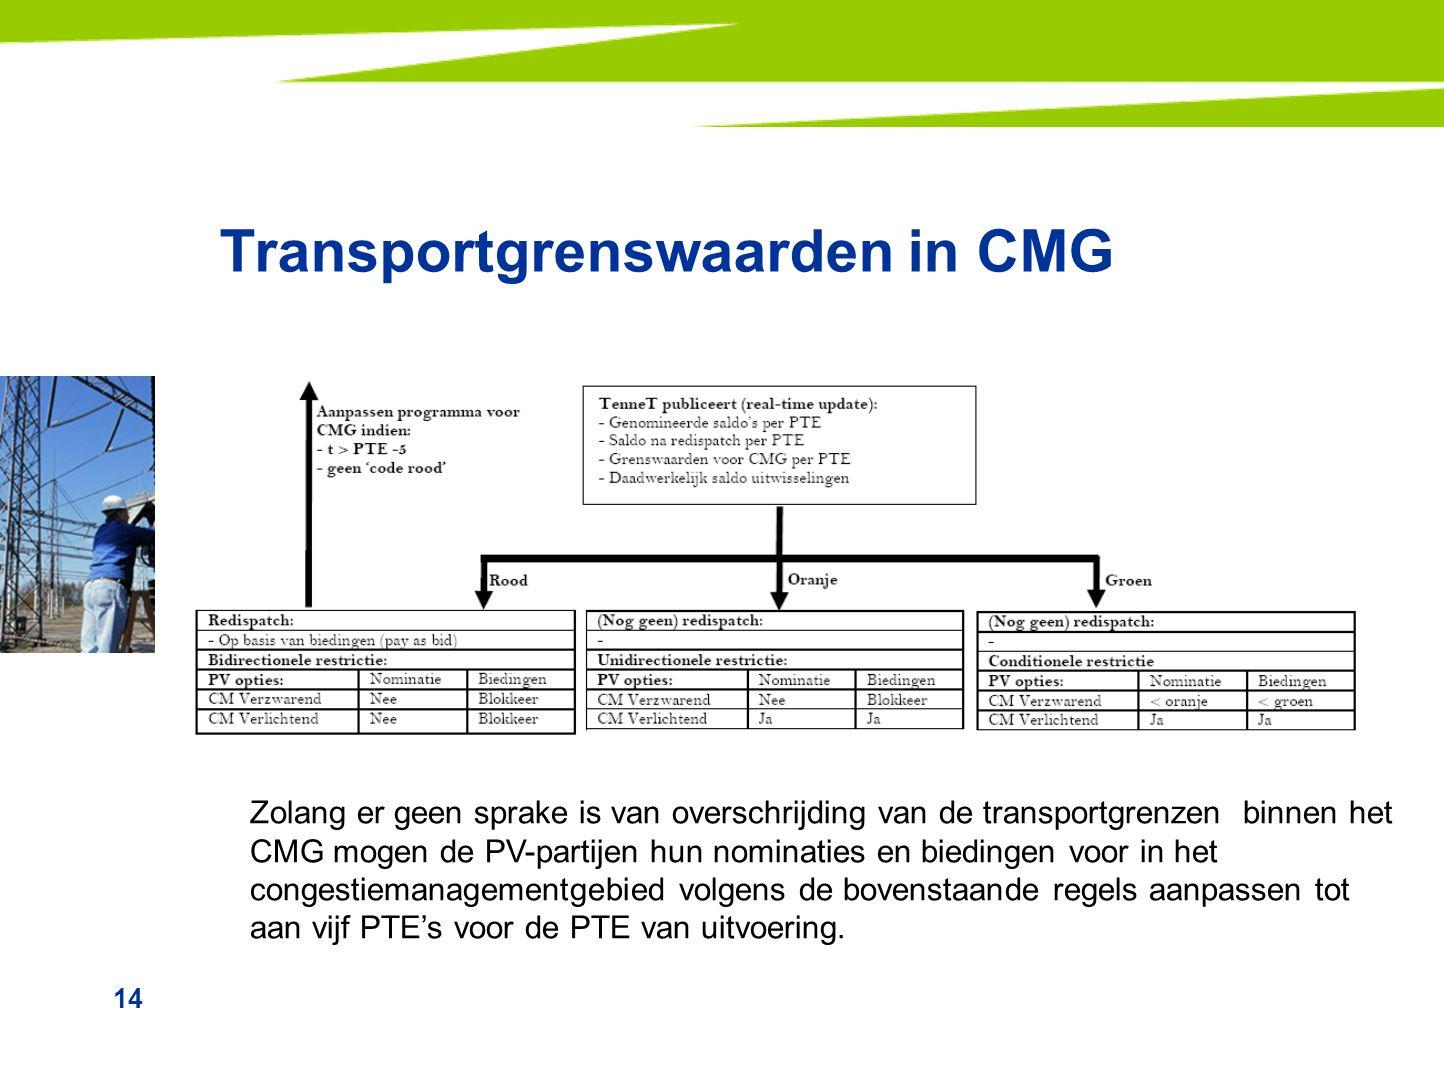 14 Transportgrenswaarden in CMG Zolang er geen sprake is van overschrijding van de transportgrenzen binnen het CMG mogen de PV-partijen hun nominaties